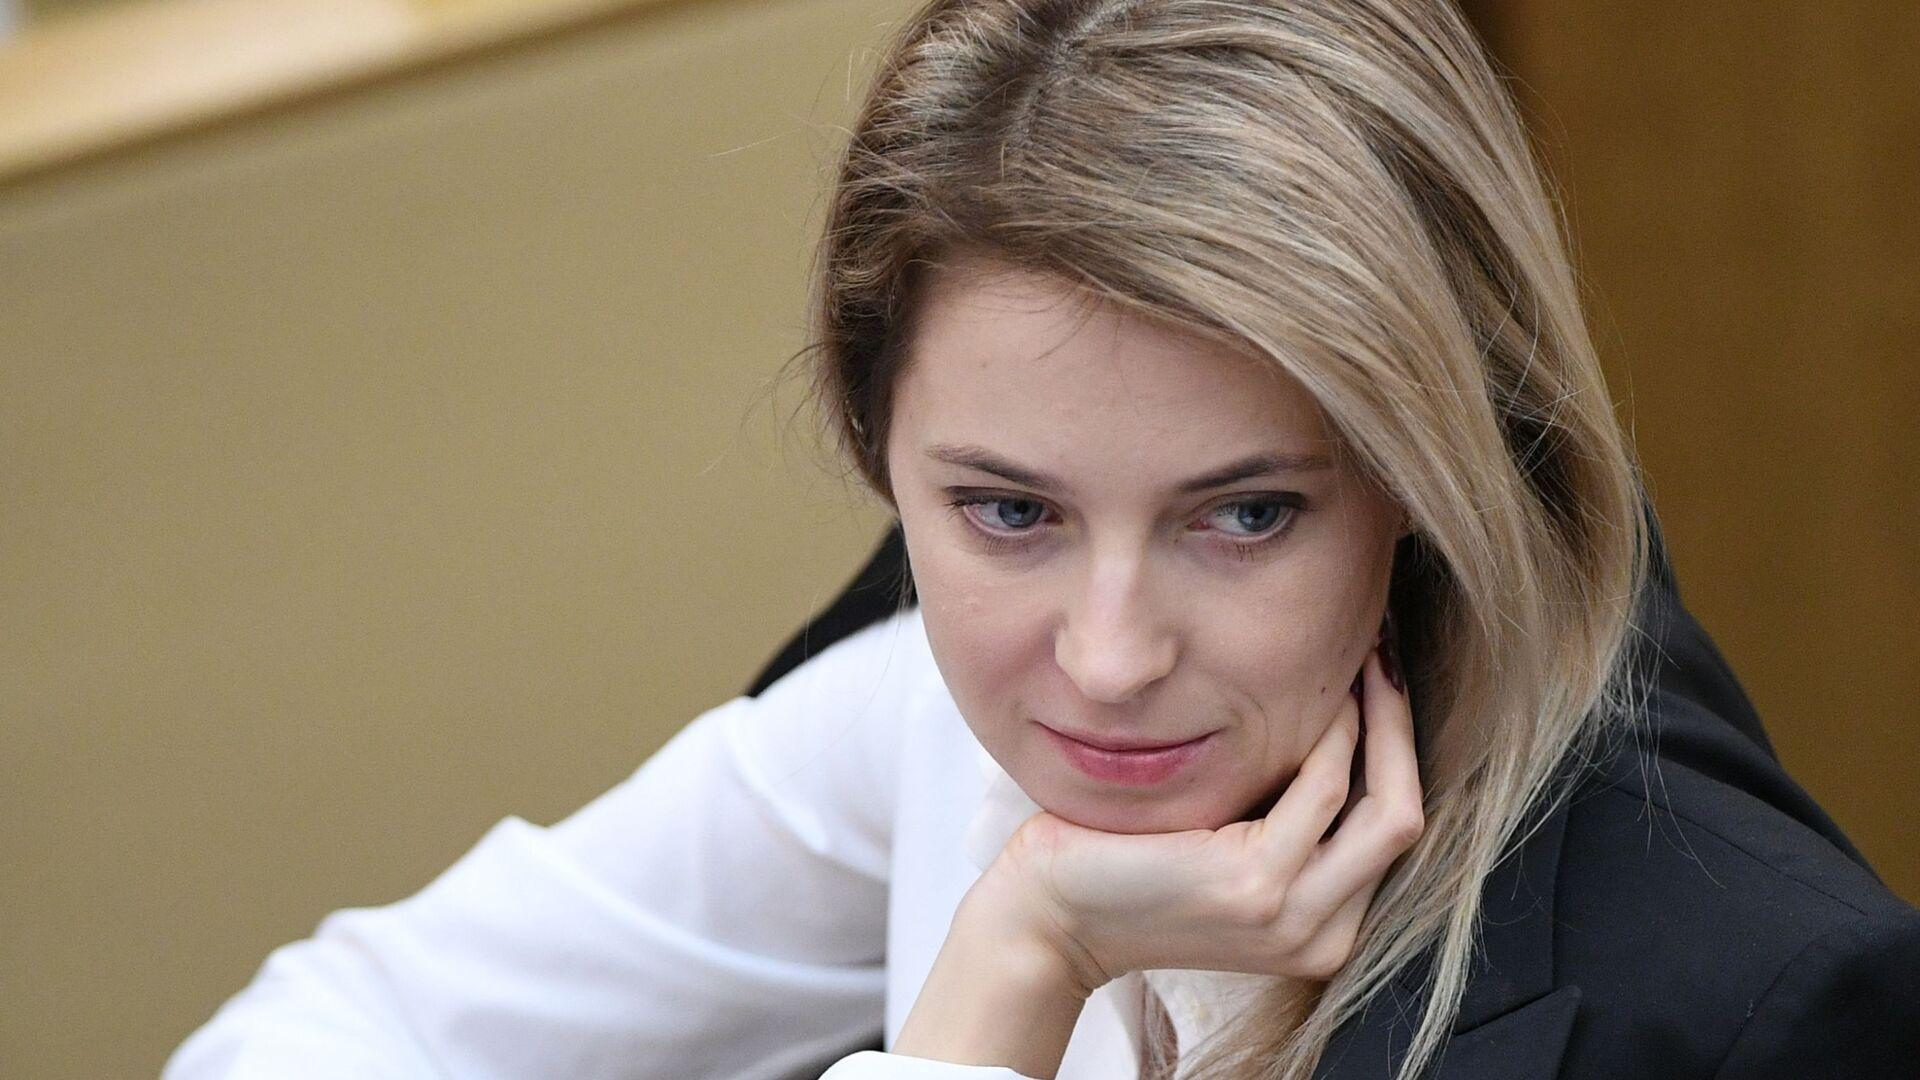 Natalia Poklónskaya, diputada de la Duma Estatal, Cámara Baja del Parlamento ruso - Sputnik Mundo, 1920, 13.10.2021